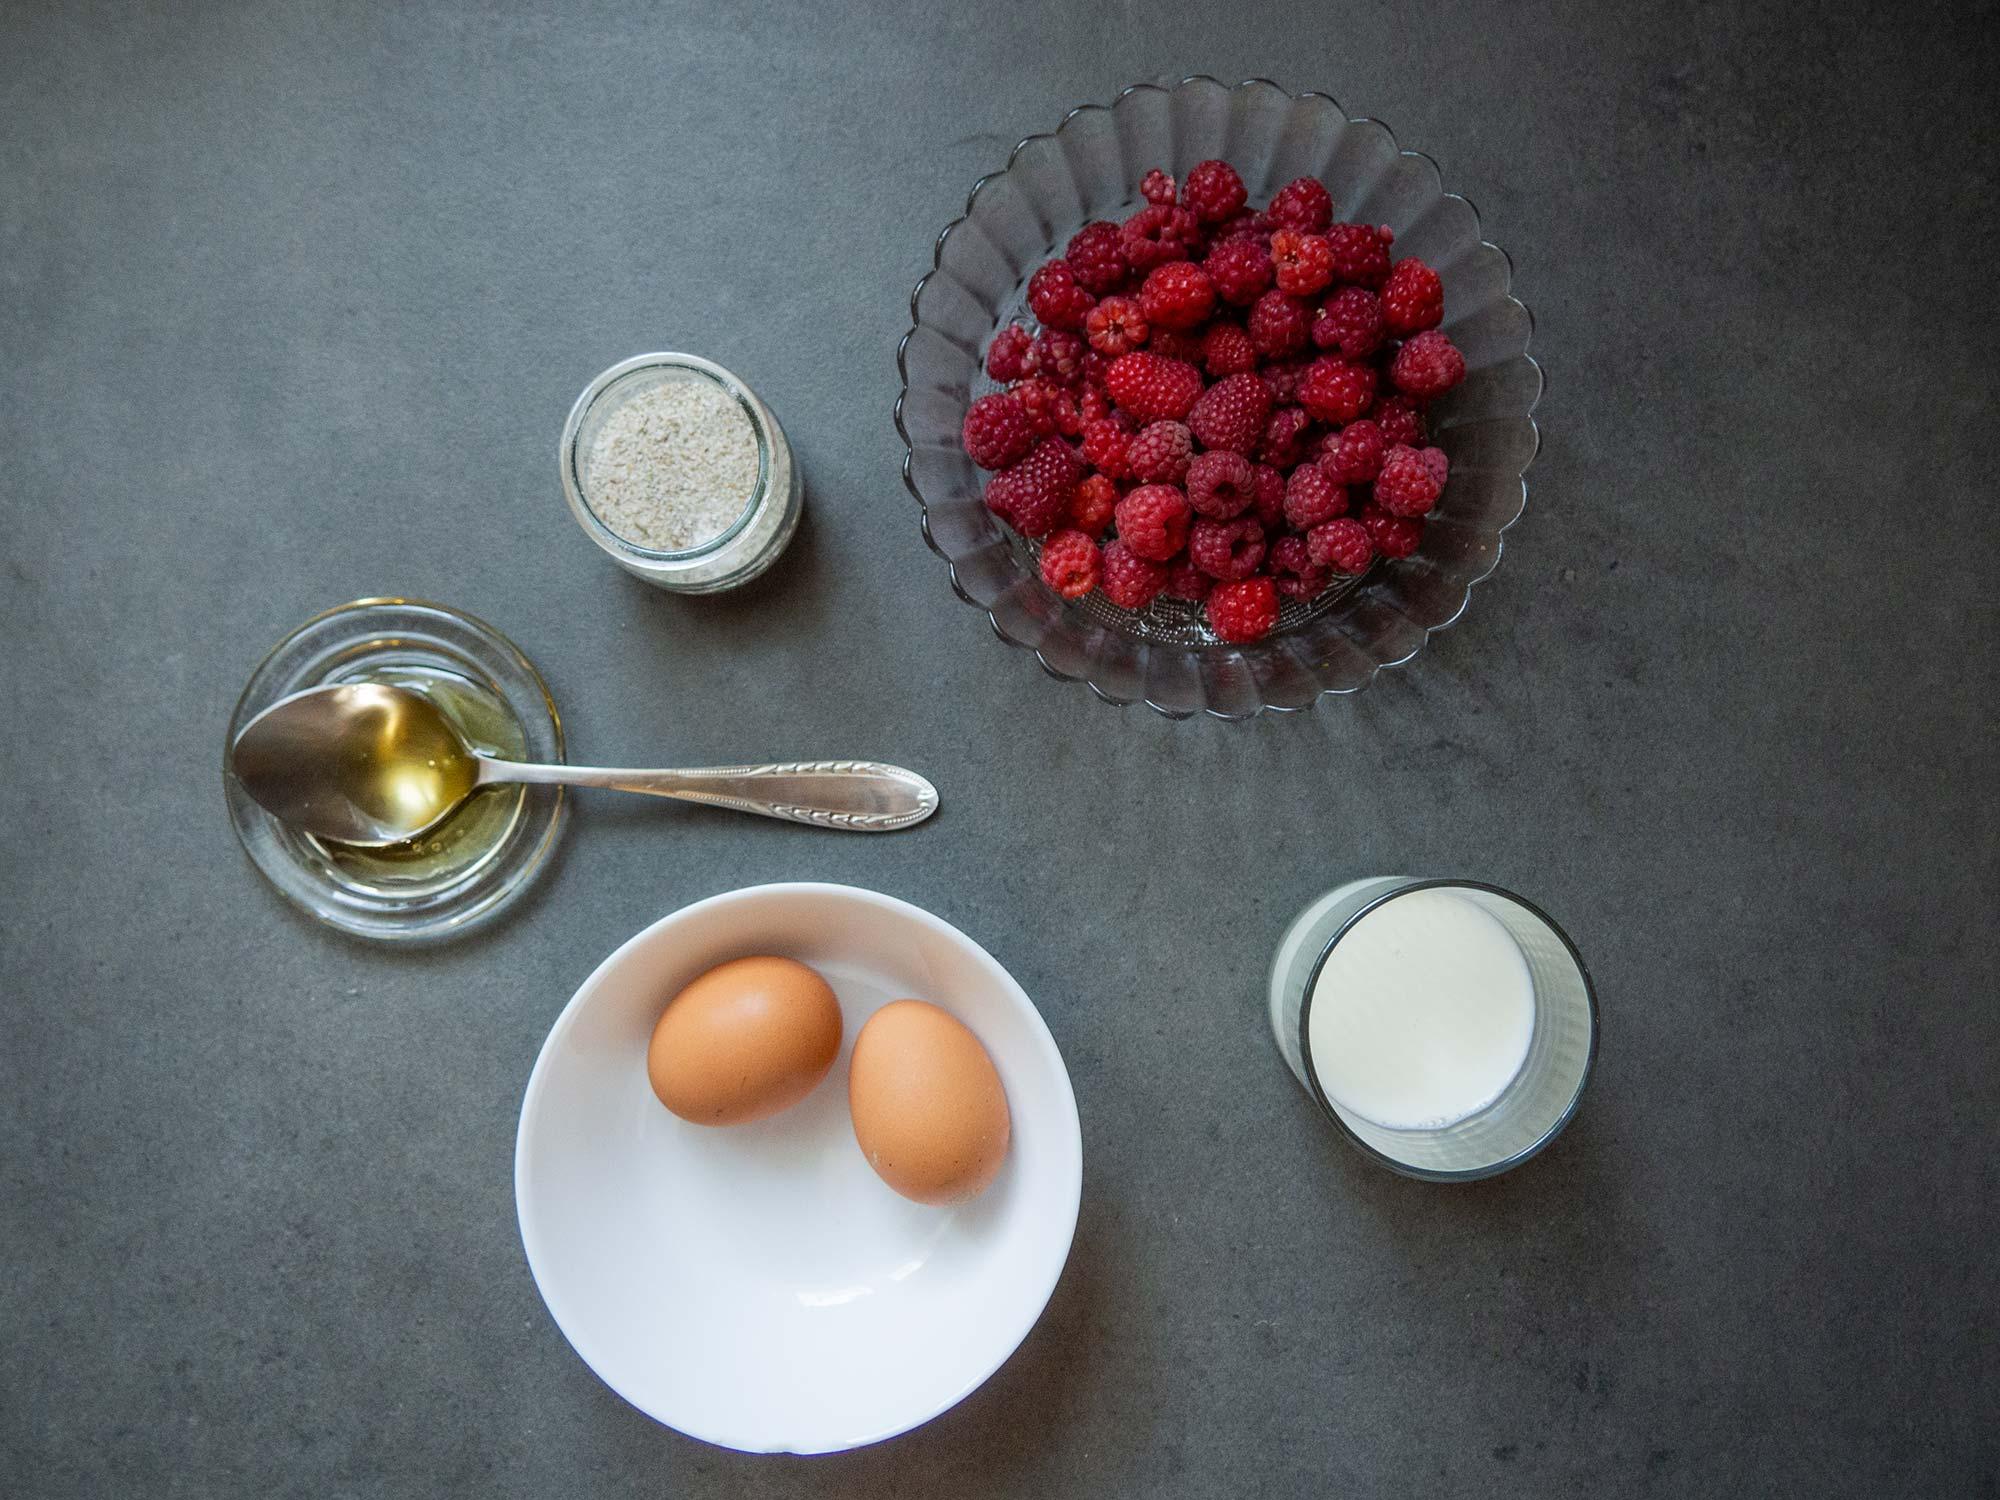 Ingredient: raspberries, eggs, milk, oil, sal